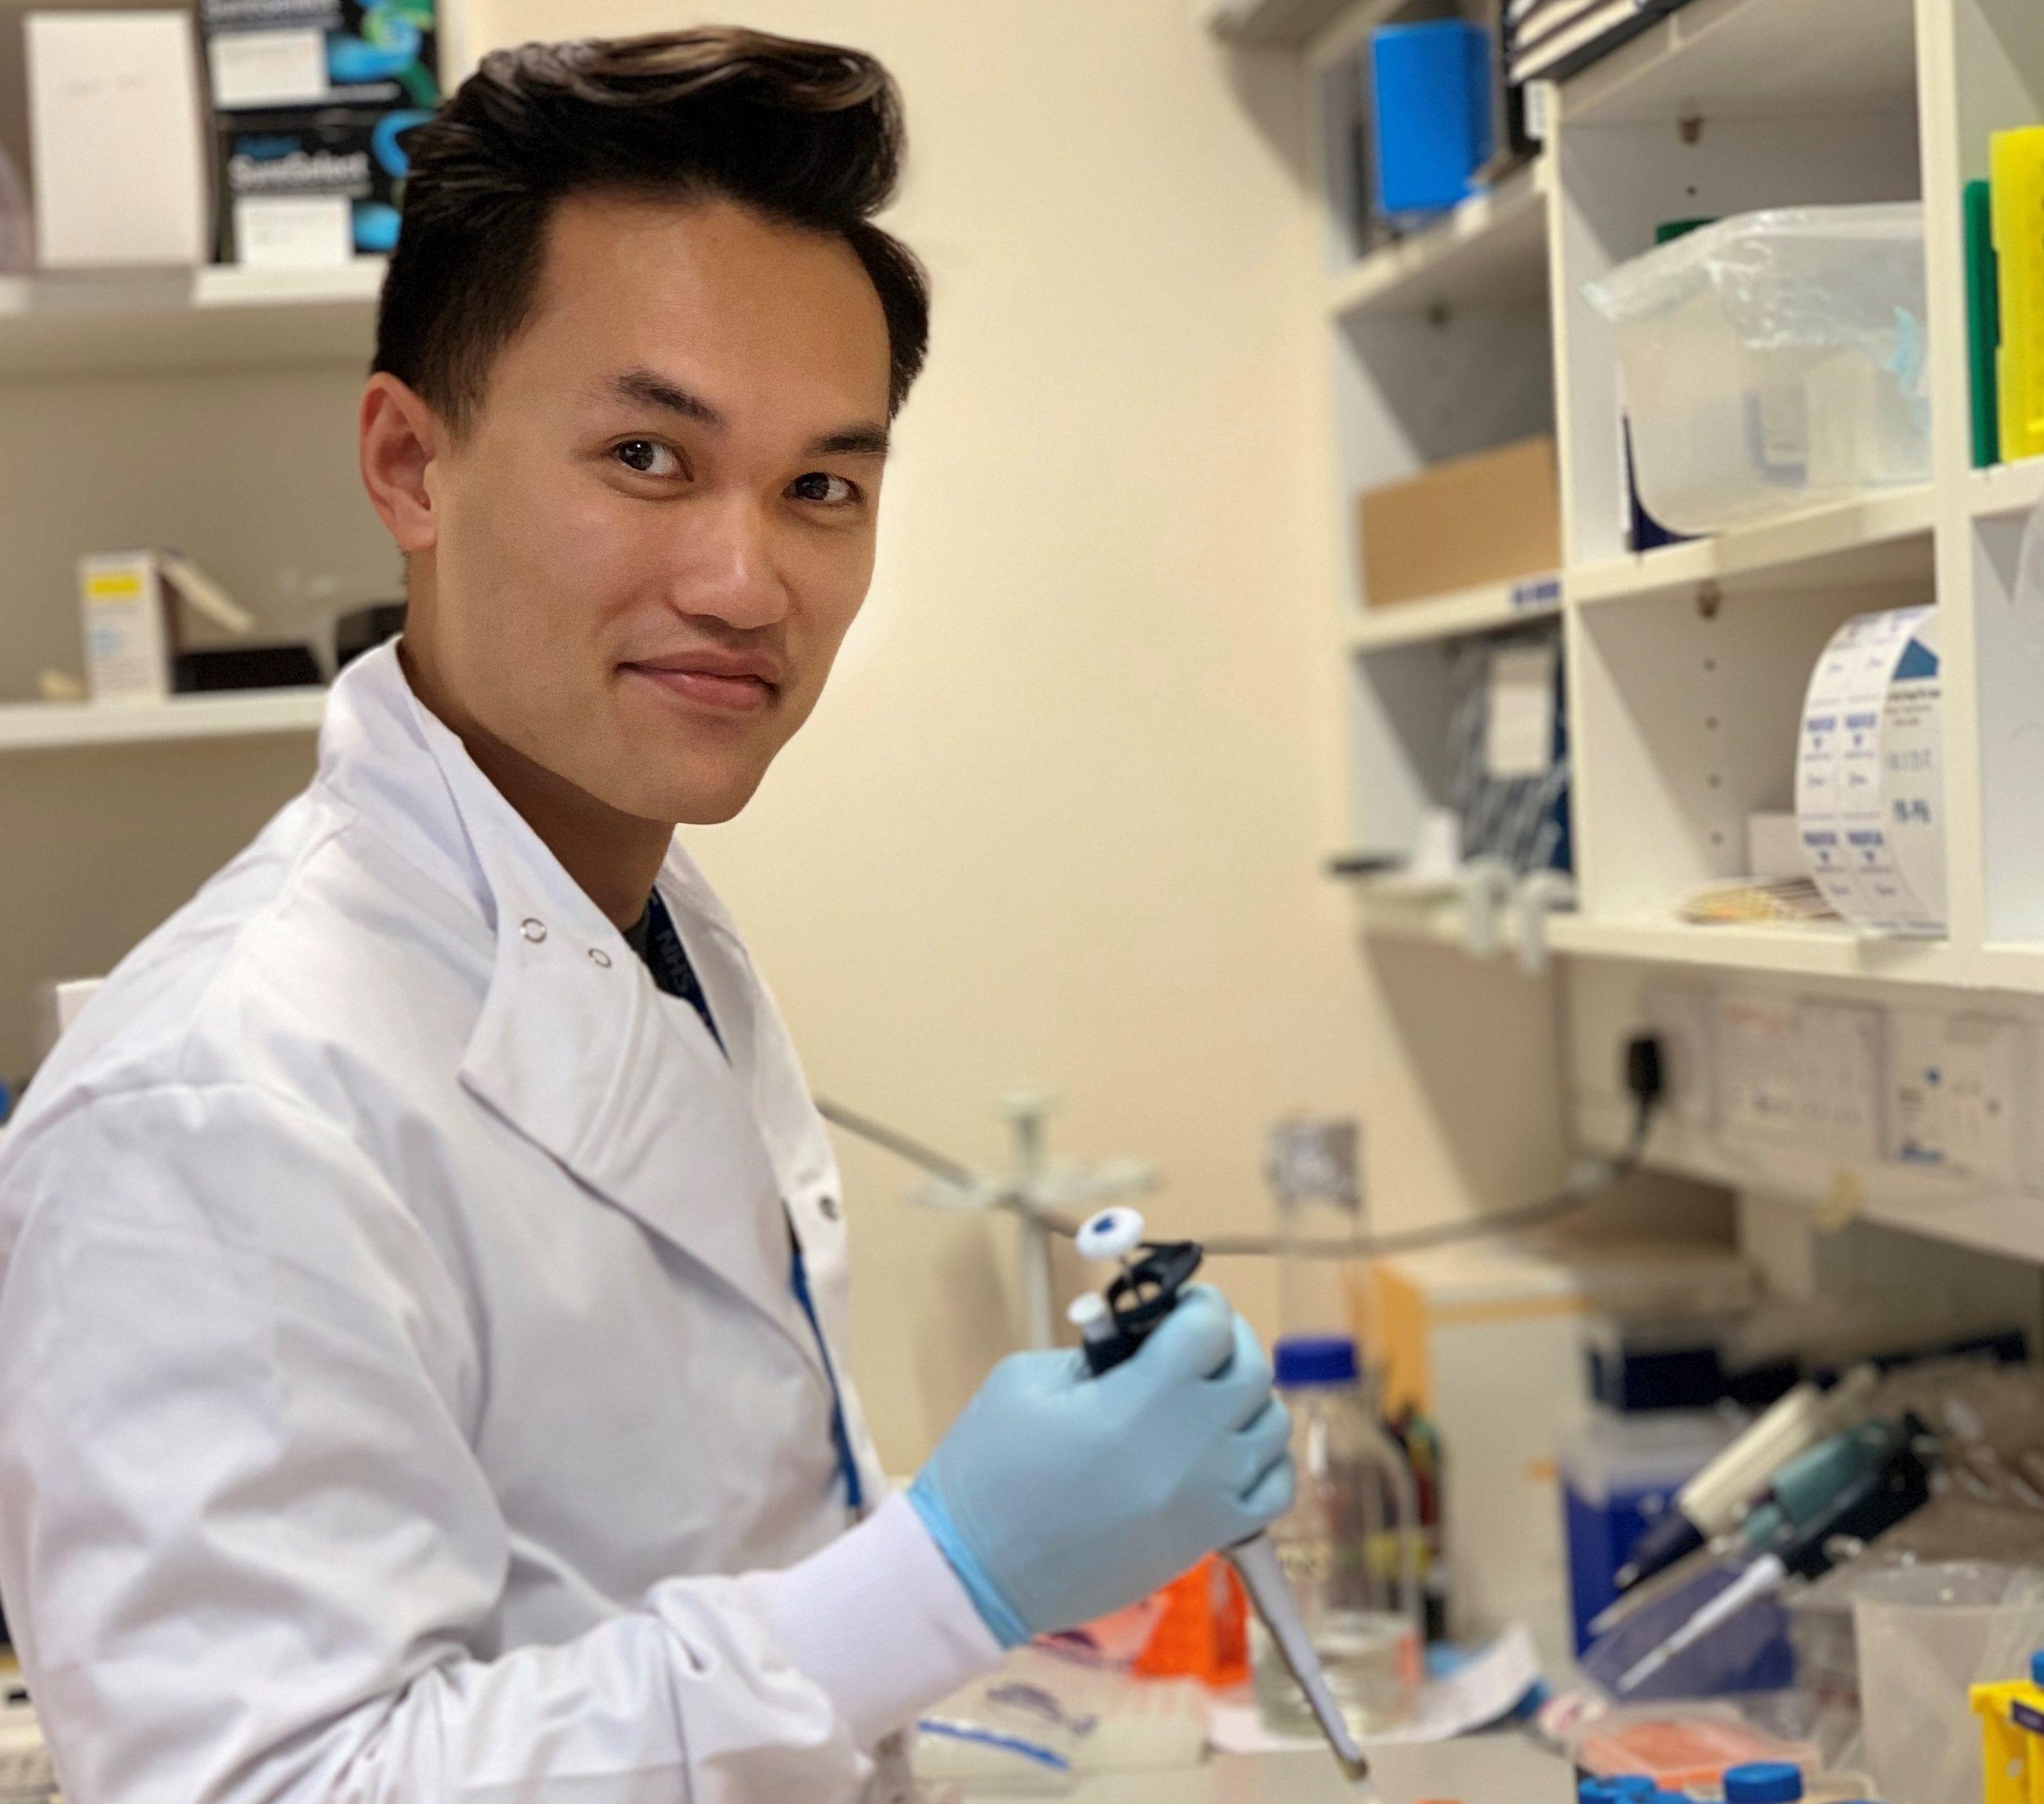 Spencer Tong, DPhil, Oxford-Sir David Weatherall Scholar (c) Spencer Tong